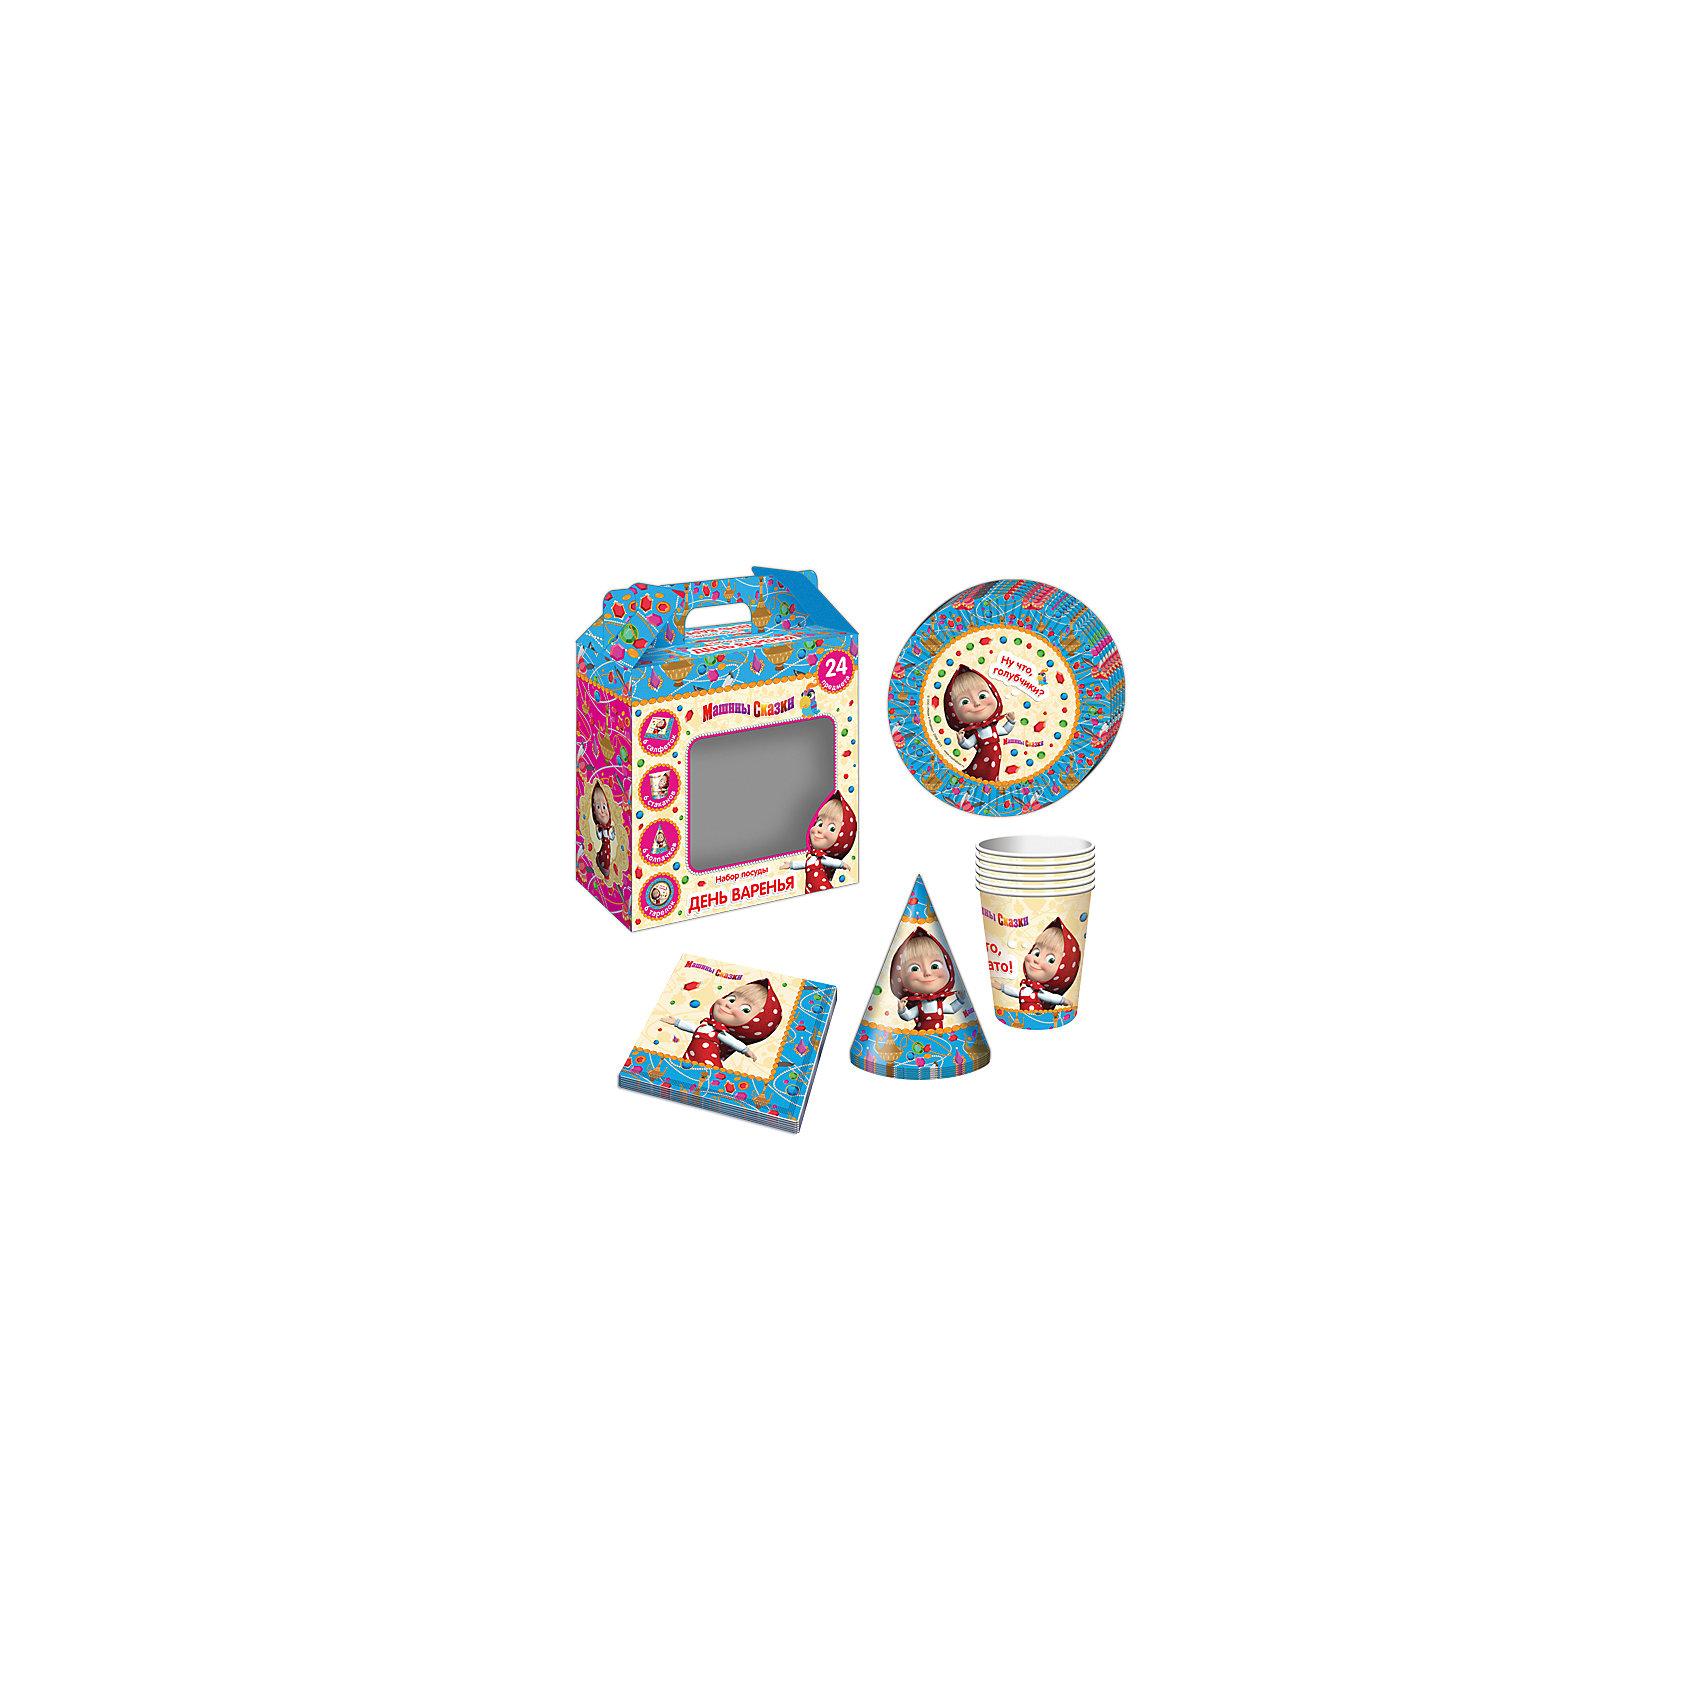 Набор посуды Машины сказки (24 предмета)Маша и Медведь<br>Набор посуды Машины сказки (24 предмета) - этот набор замечательно подойдет для детского праздника и поможет красиво сервировать стол.<br>С подарочным набором «Машины сказки» детский праздник станет по-настоящему незабываемым! Красочный дизайн с любимой героиней поднимет настроение всем: и детям, и даже взрослым. Колпачки помогут организовать множество увлекательных игр. А красивая посуда и салфетки ярко украсят стол и принесут практическую пользу: одноразовые тарелки и стаканы почти невесомы, не могут разбиться, их не надо мыть. Сделанная из бумаги, такая посуда абсолютно безопасна и, благодаря специальному покрытию, прекрасно удерживает еду и напитки.<br><br>Дополнительная информация:<br><br>- В наборе 24 предмета на 6 персон: 6 тарелок диаметром 18 см, 6 стаканов объемом 210 мл, 6 бумажных колпачков на резинках, 6 бумажных салфеток<br>- Материал: бумага<br>- Упаковка: красочная подарочная коробка<br>- Размер упаковки: 190 х 240 х 85 мм.<br>- Вес: 300 гр.<br><br>Набор посуды Машины сказки (24 предмета) можно купить в нашем интернет-магазине.<br><br>Ширина мм: 190<br>Глубина мм: 240<br>Высота мм: 85<br>Вес г: 300<br>Возраст от месяцев: 36<br>Возраст до месяцев: 84<br>Пол: Женский<br>Возраст: Детский<br>SKU: 4278307